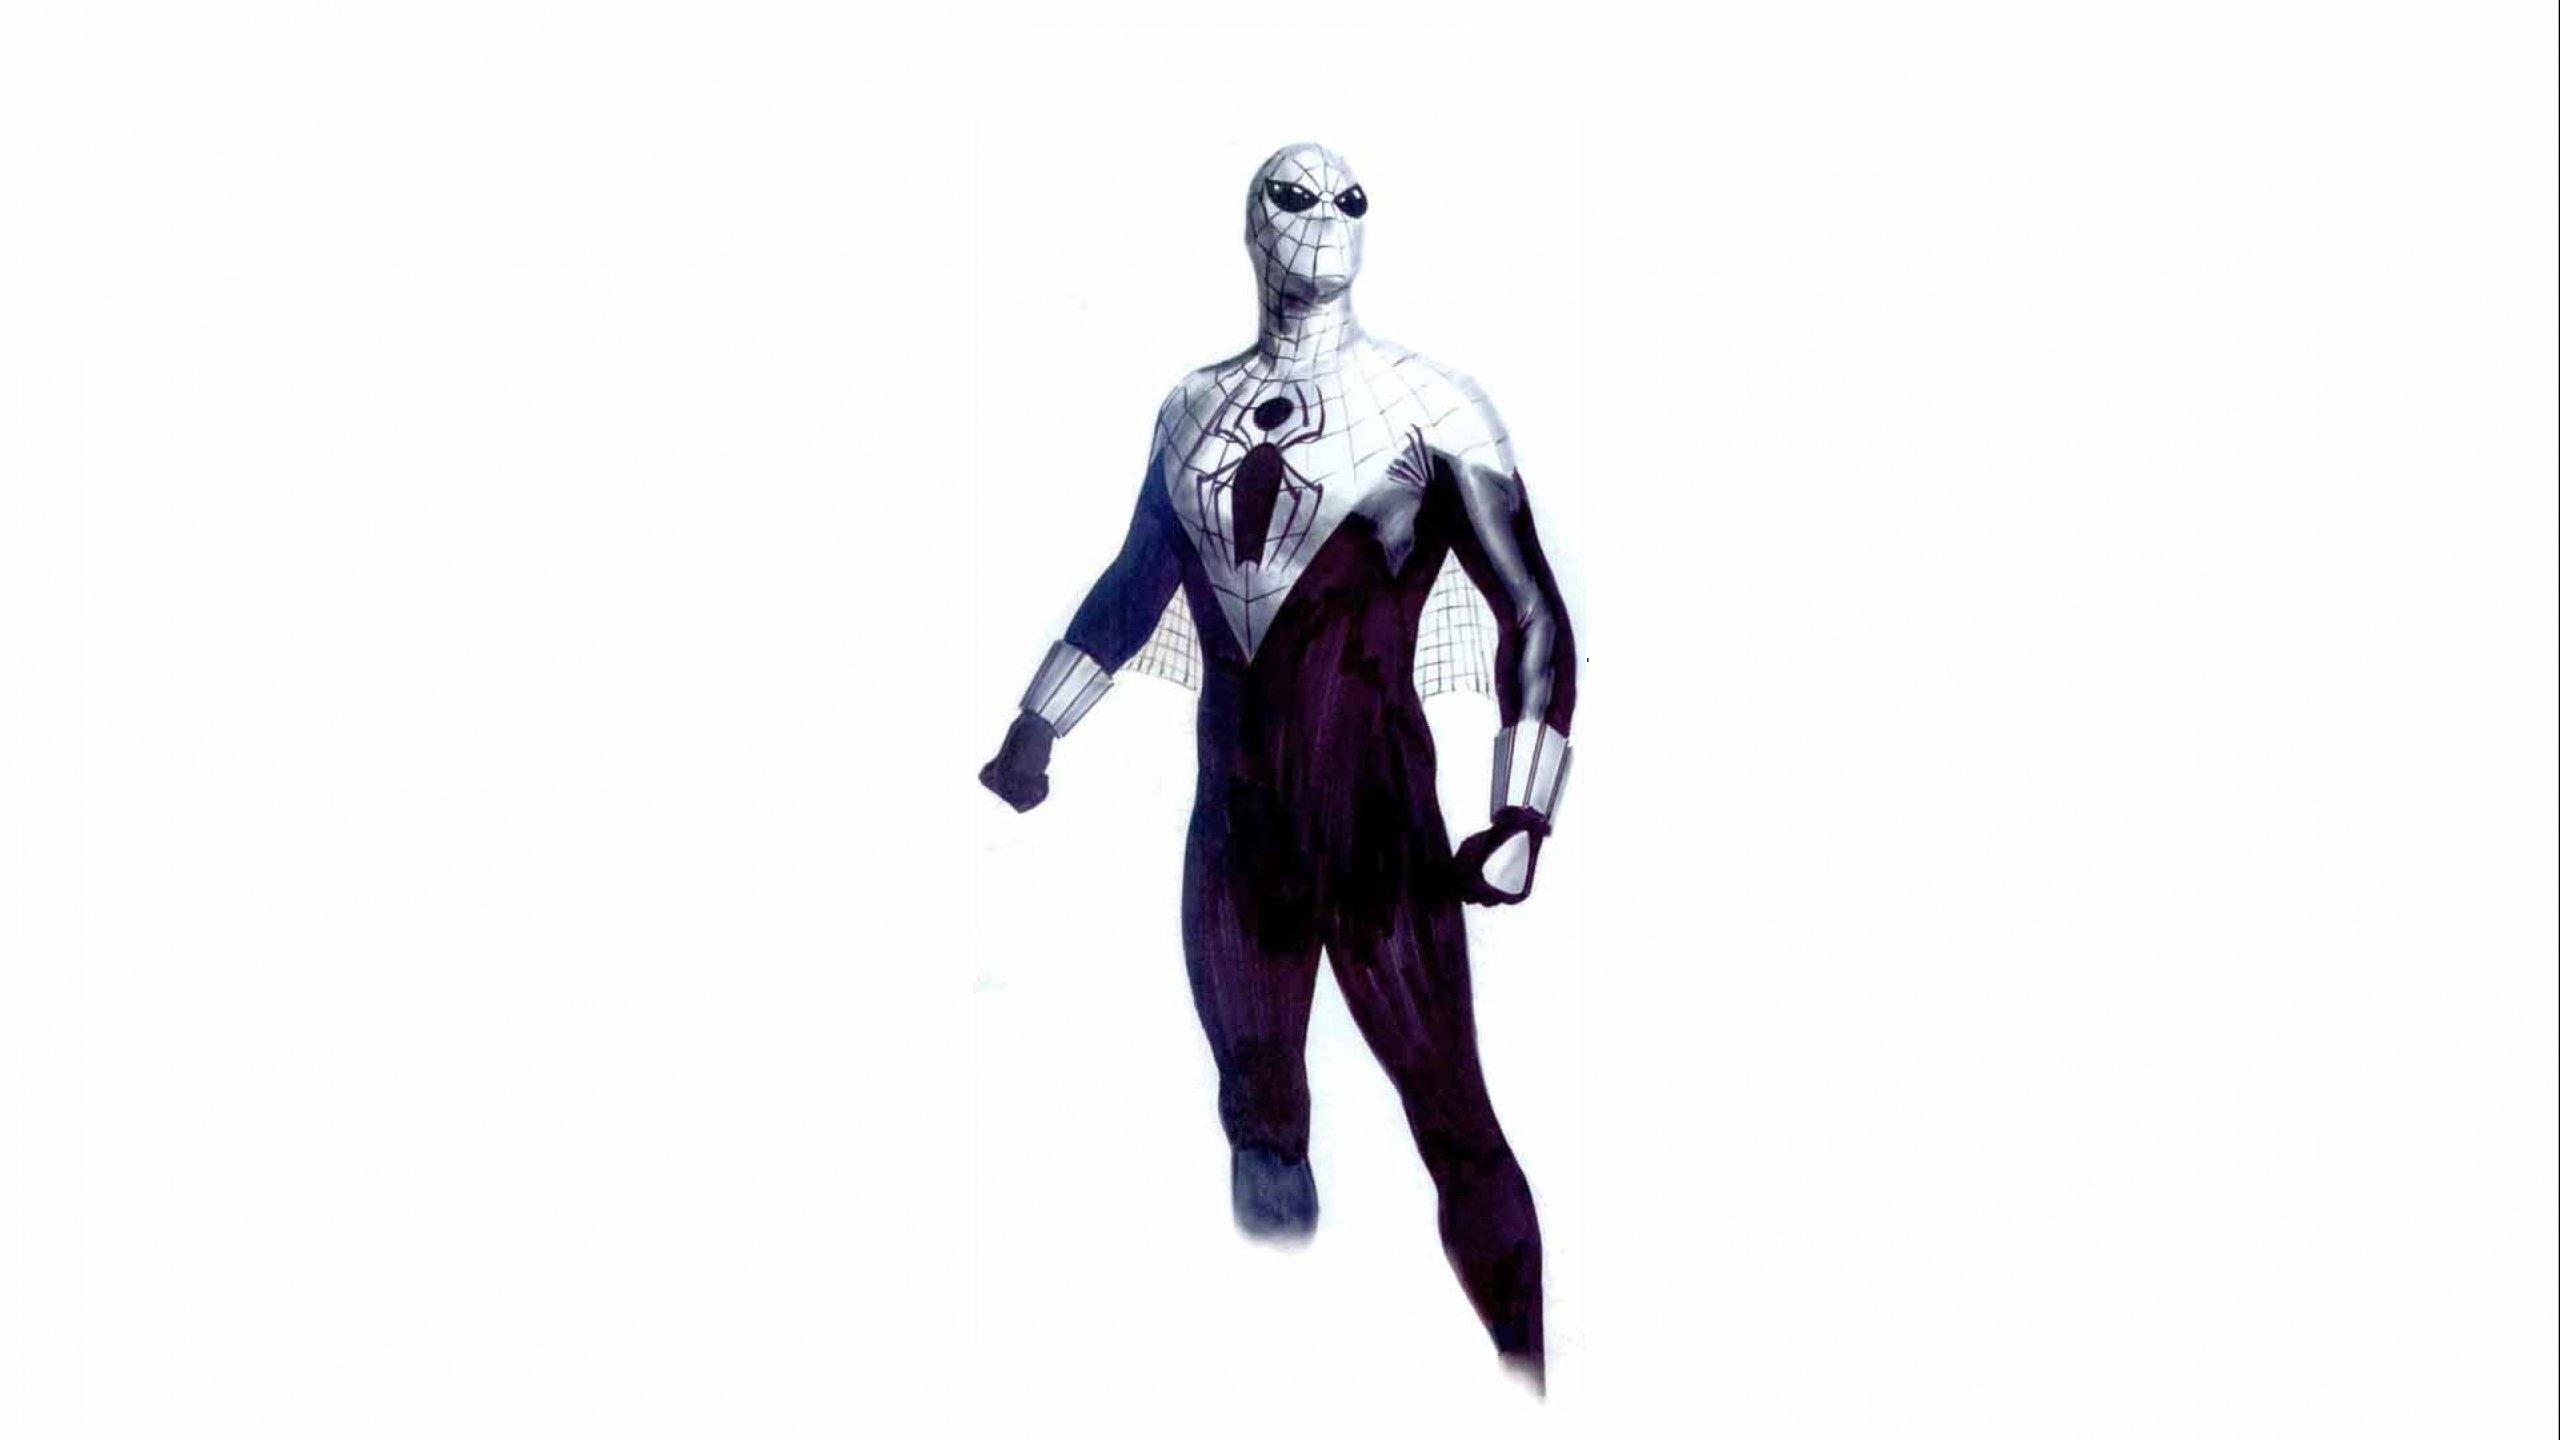 SPIDER-MAN superhero marvel spider man action spiderman wallpaper   2560x1440   749452   WallpaperUP